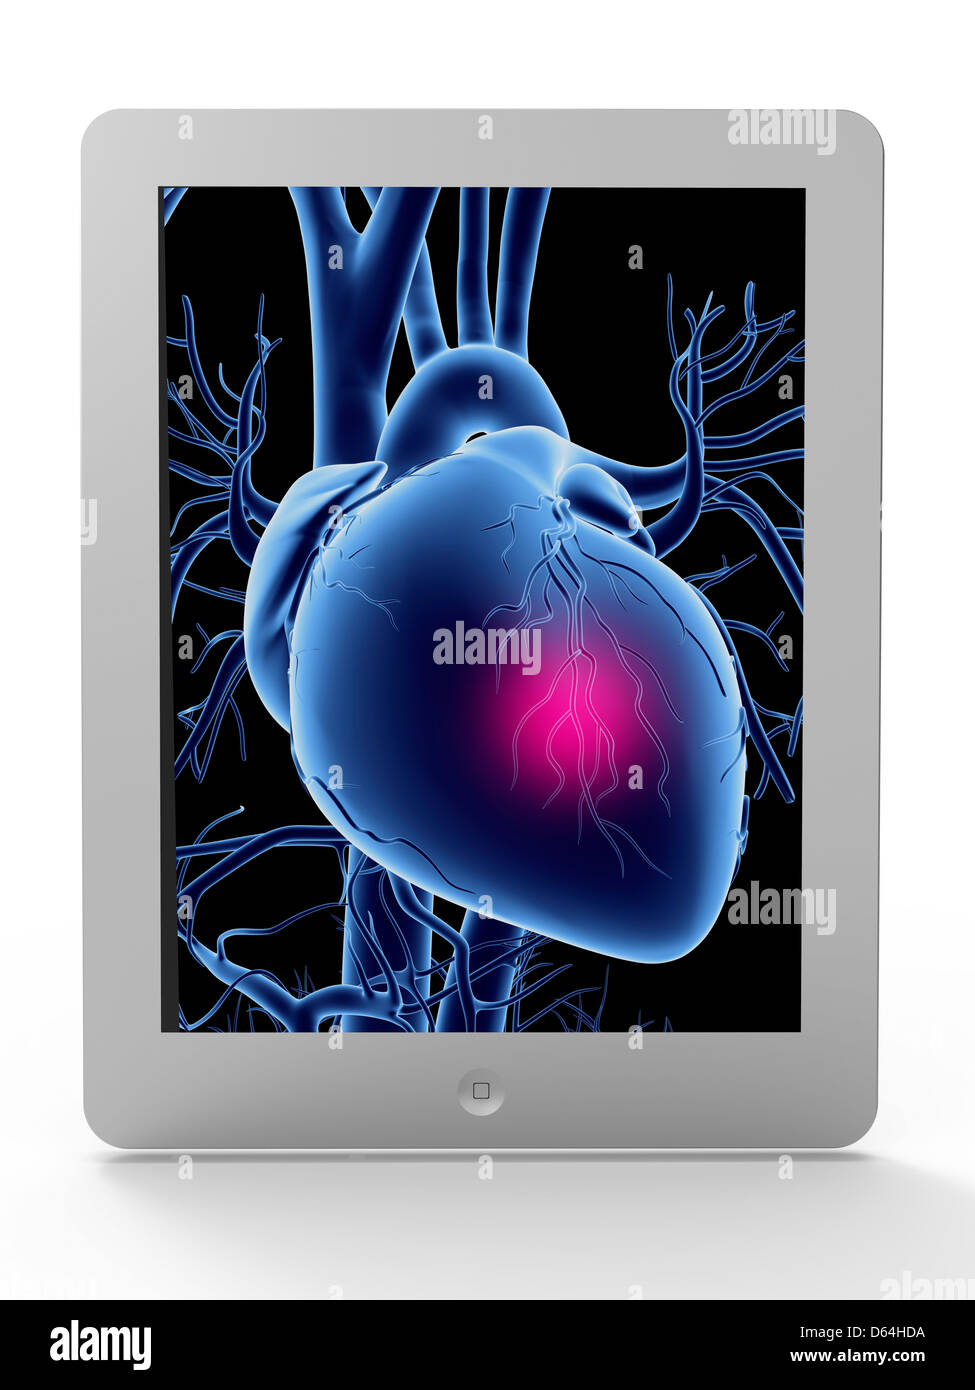 Tablet PC, ataque cardíaco ilustraciones Imagen De Stock